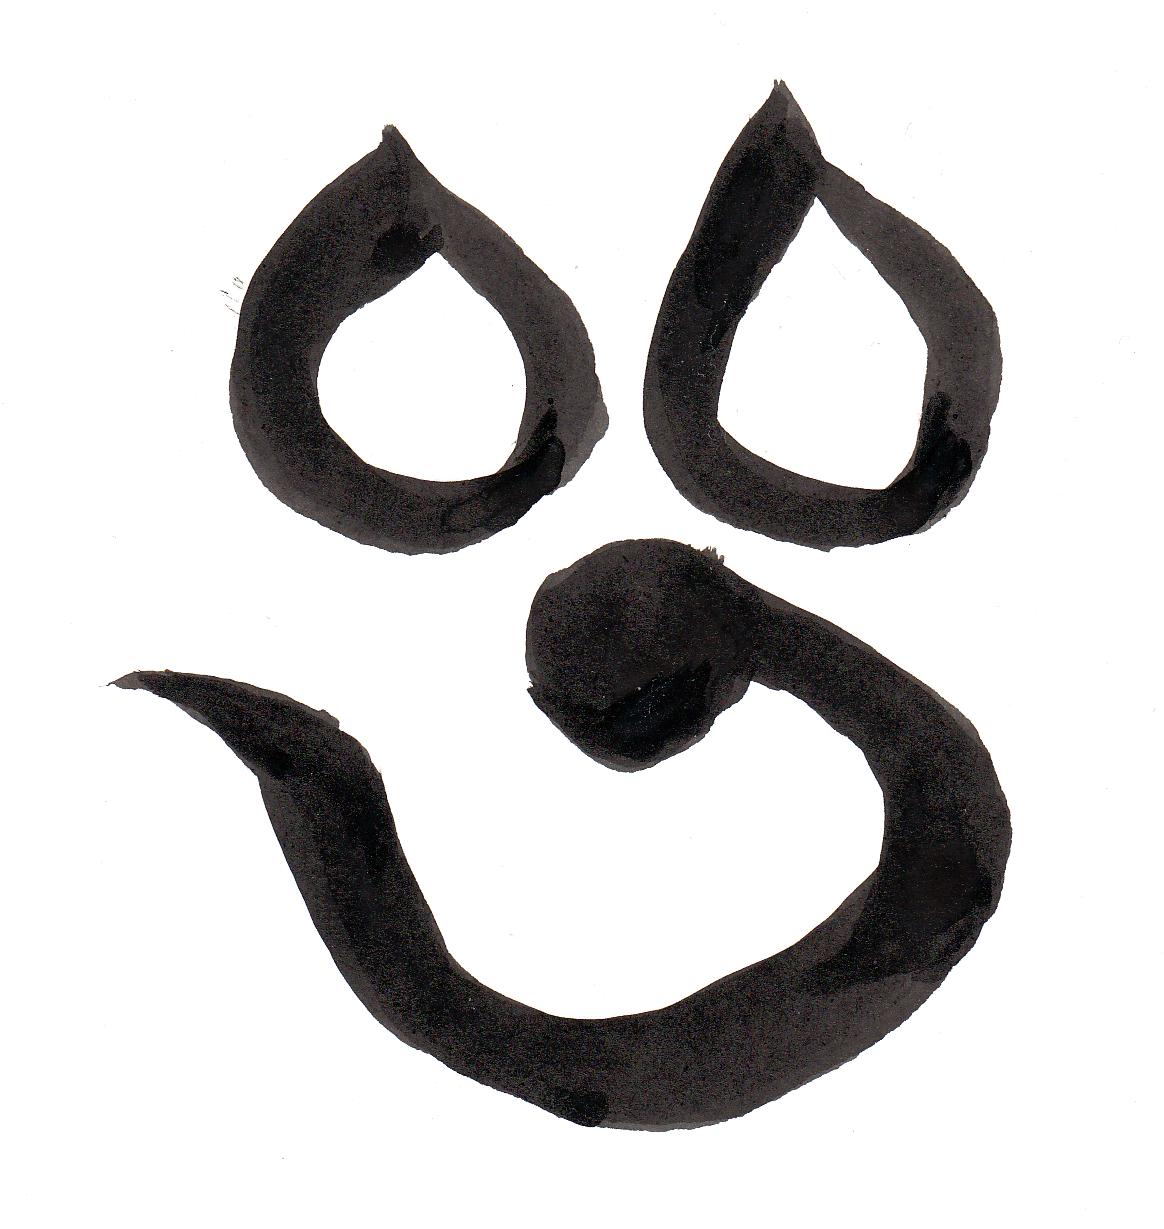 梵字にはパワーがあるってご存知でしたか?【葉書サイズ】鎌倉市長谷の書道教室